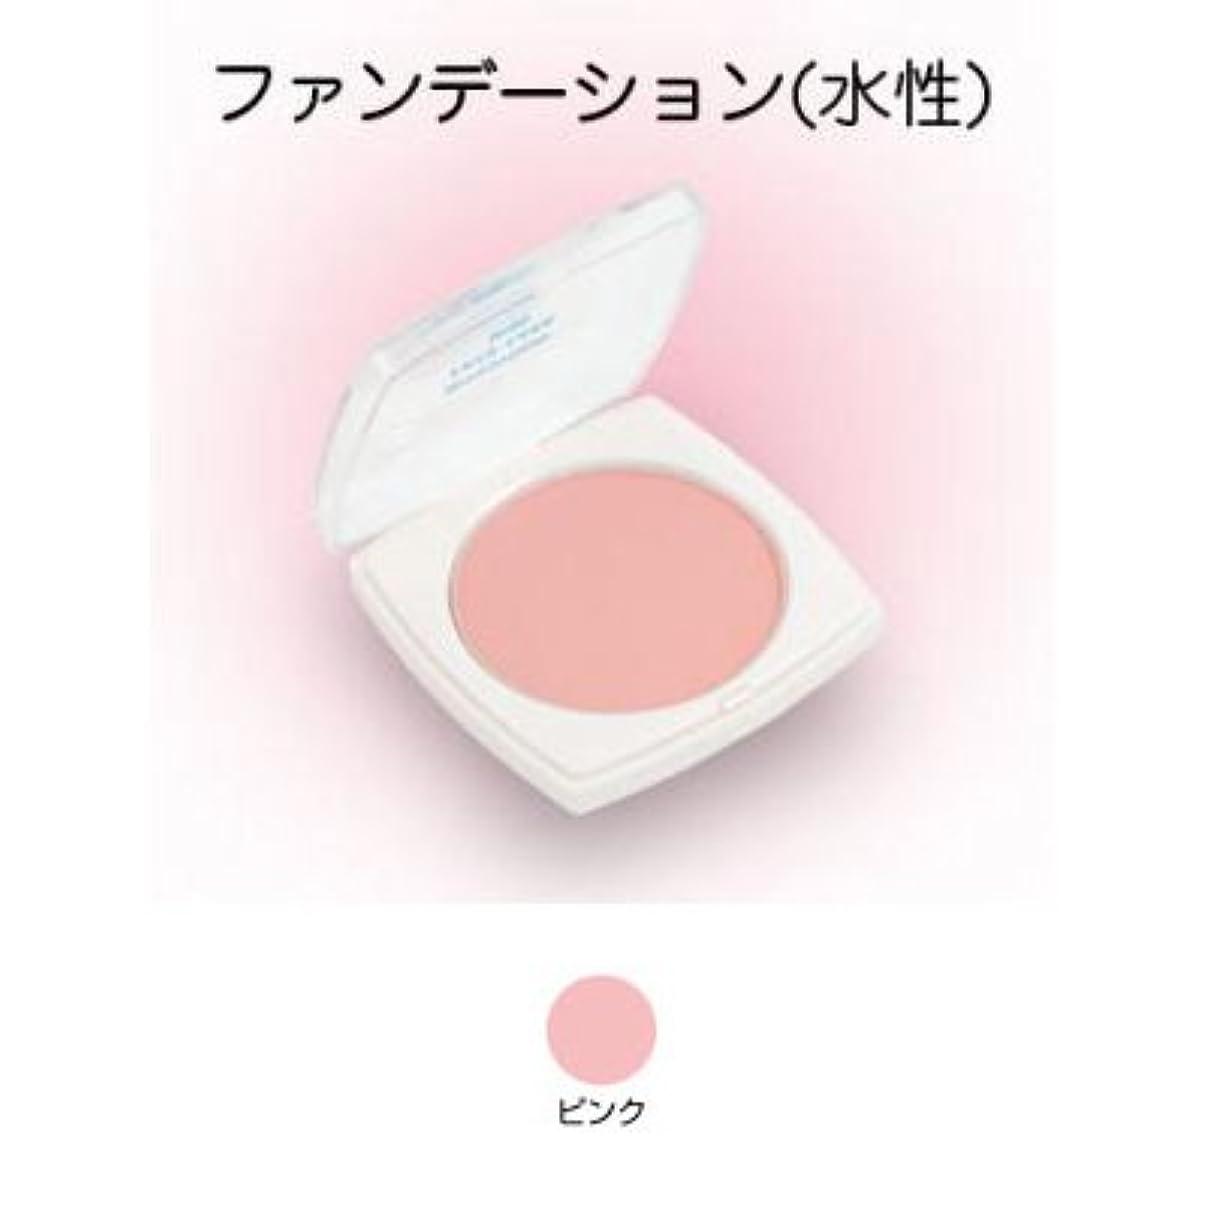 ブランク実行するチューインガムフェースケーキ ミニ 17g ピンク 【三善】